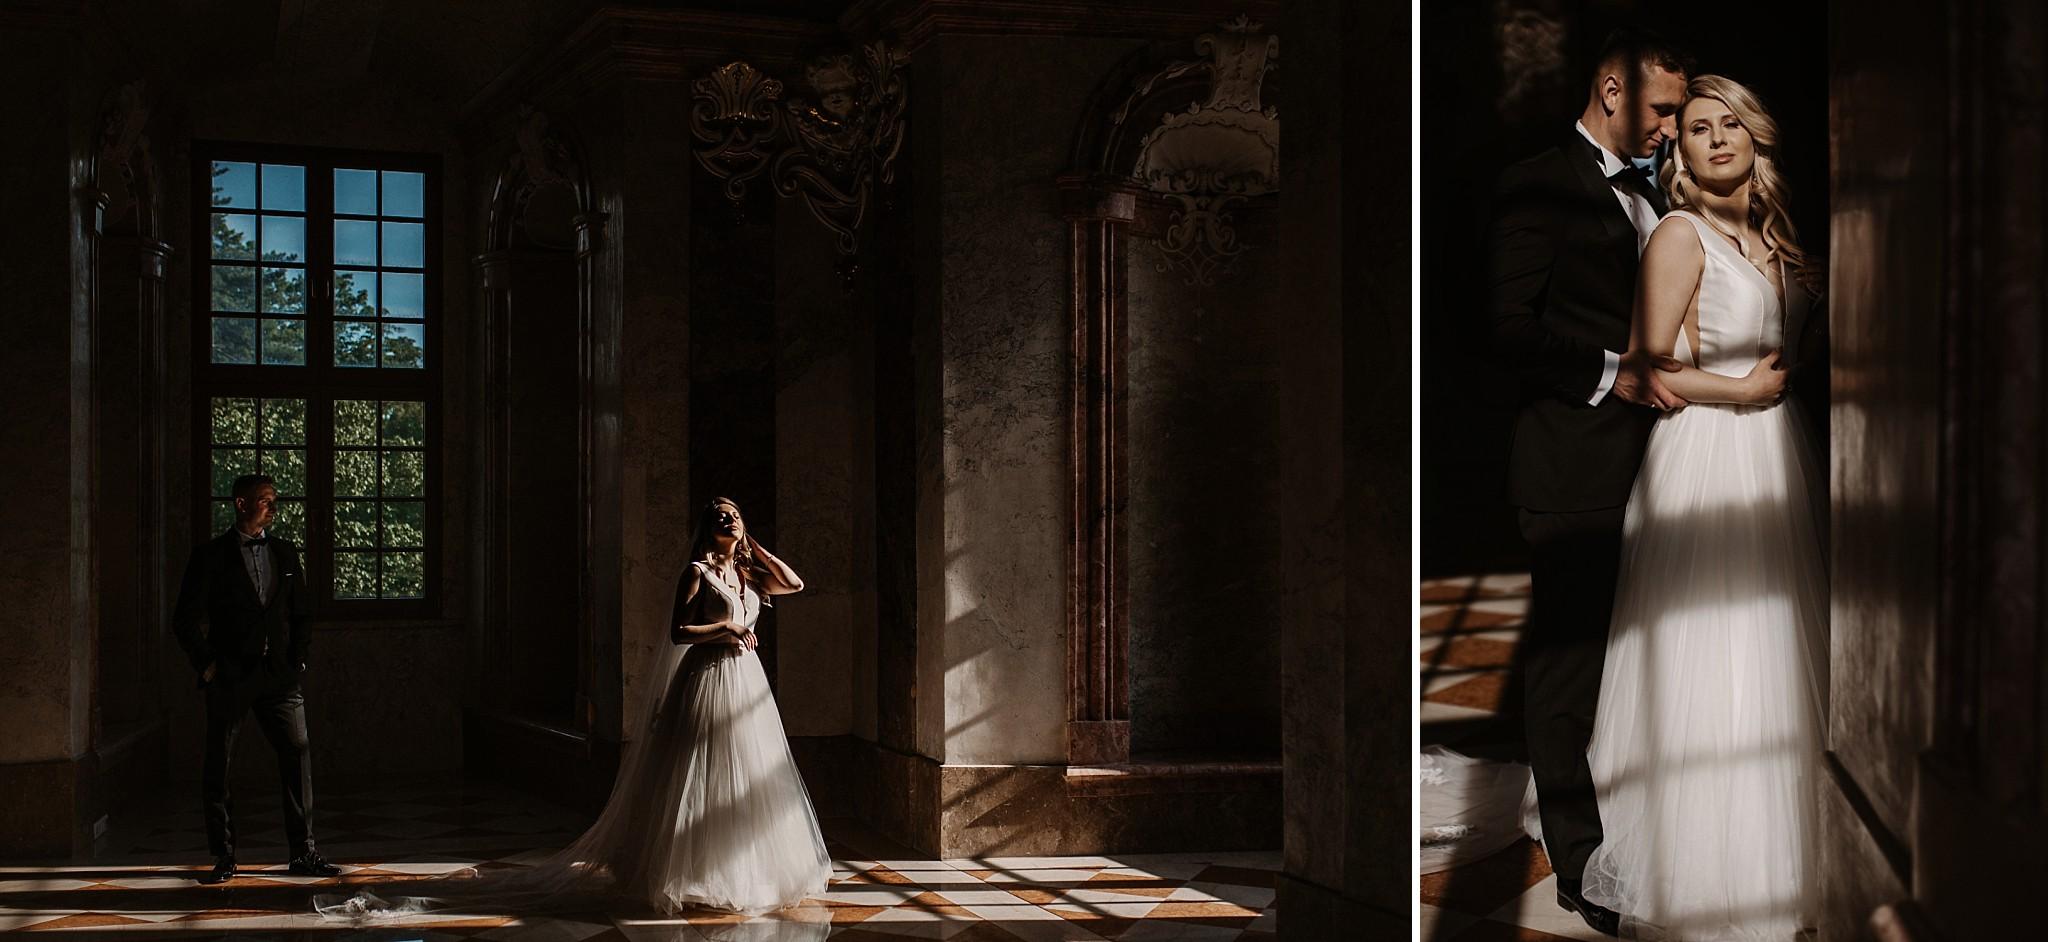 lubiaz opactwo cystersow sesja na zamku sesja zdjeciowa sesja slubna w palacu sesja palac fotograf z poznania fotografia slubna poznan 099